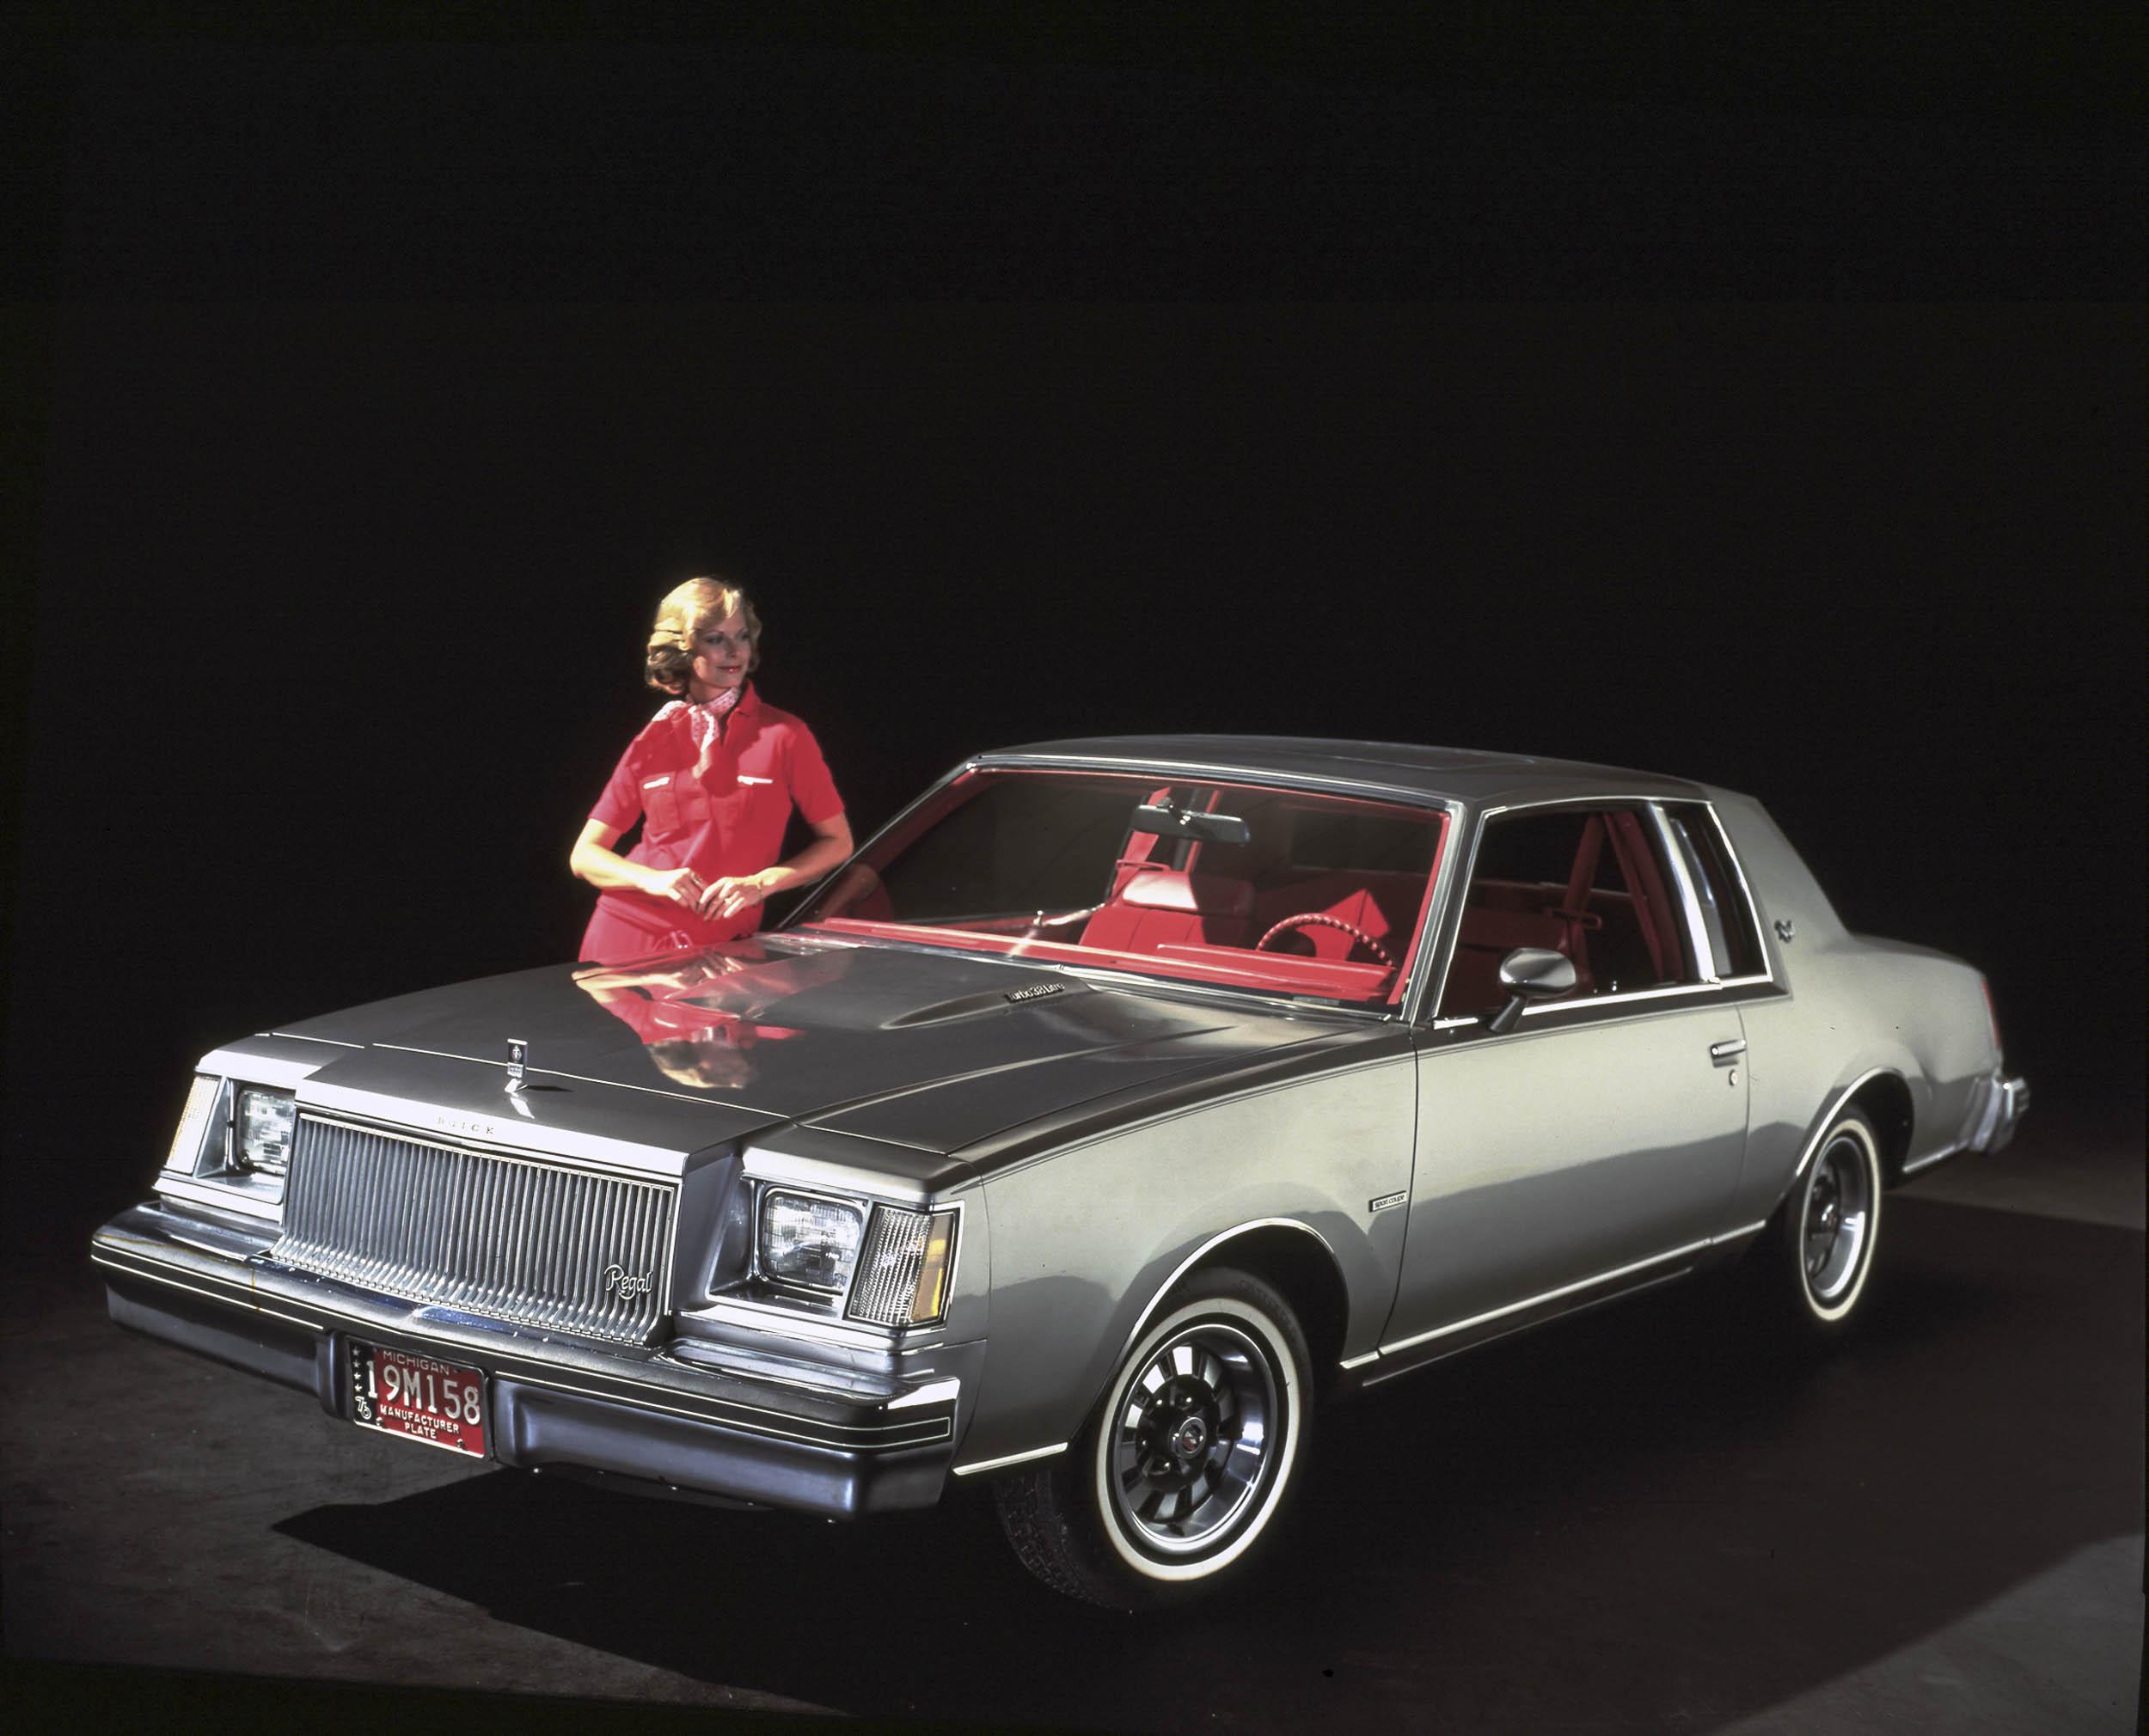 1978 buick rega; turbo sport coupe